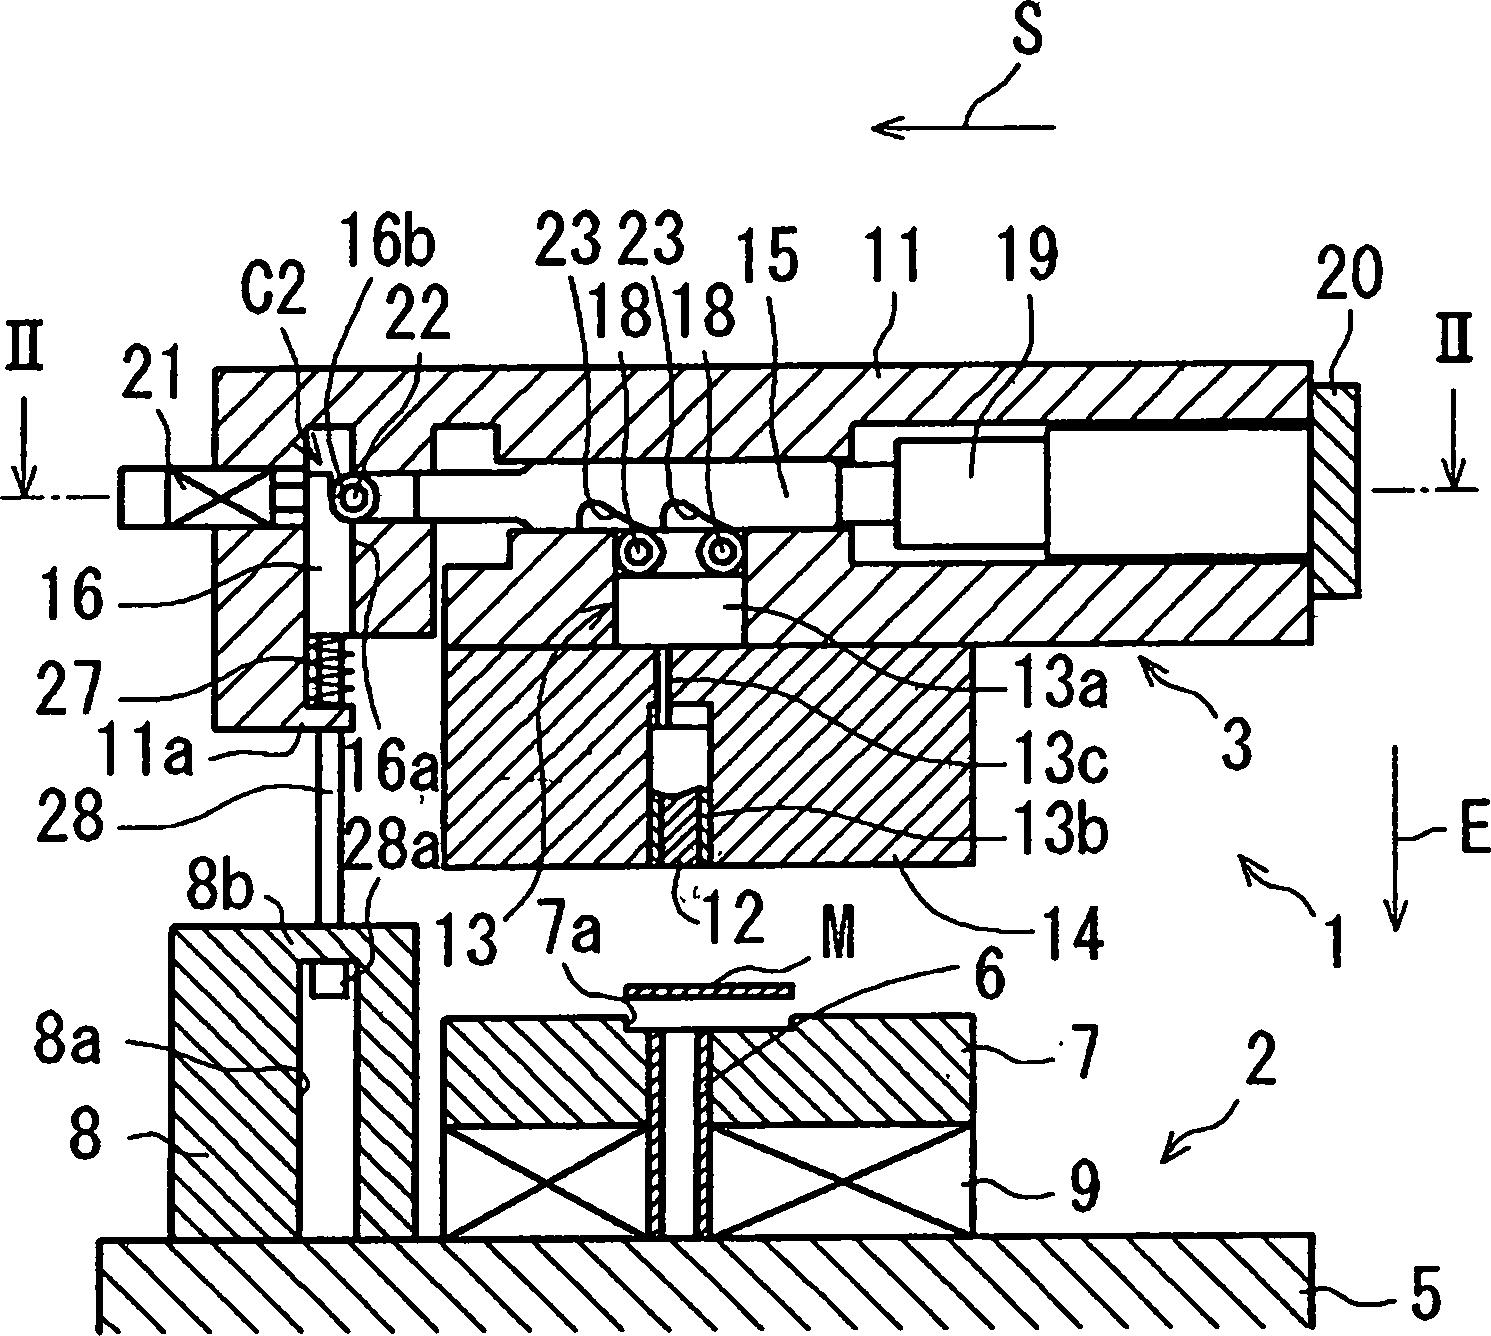 Figure DE102010041891B4_0001